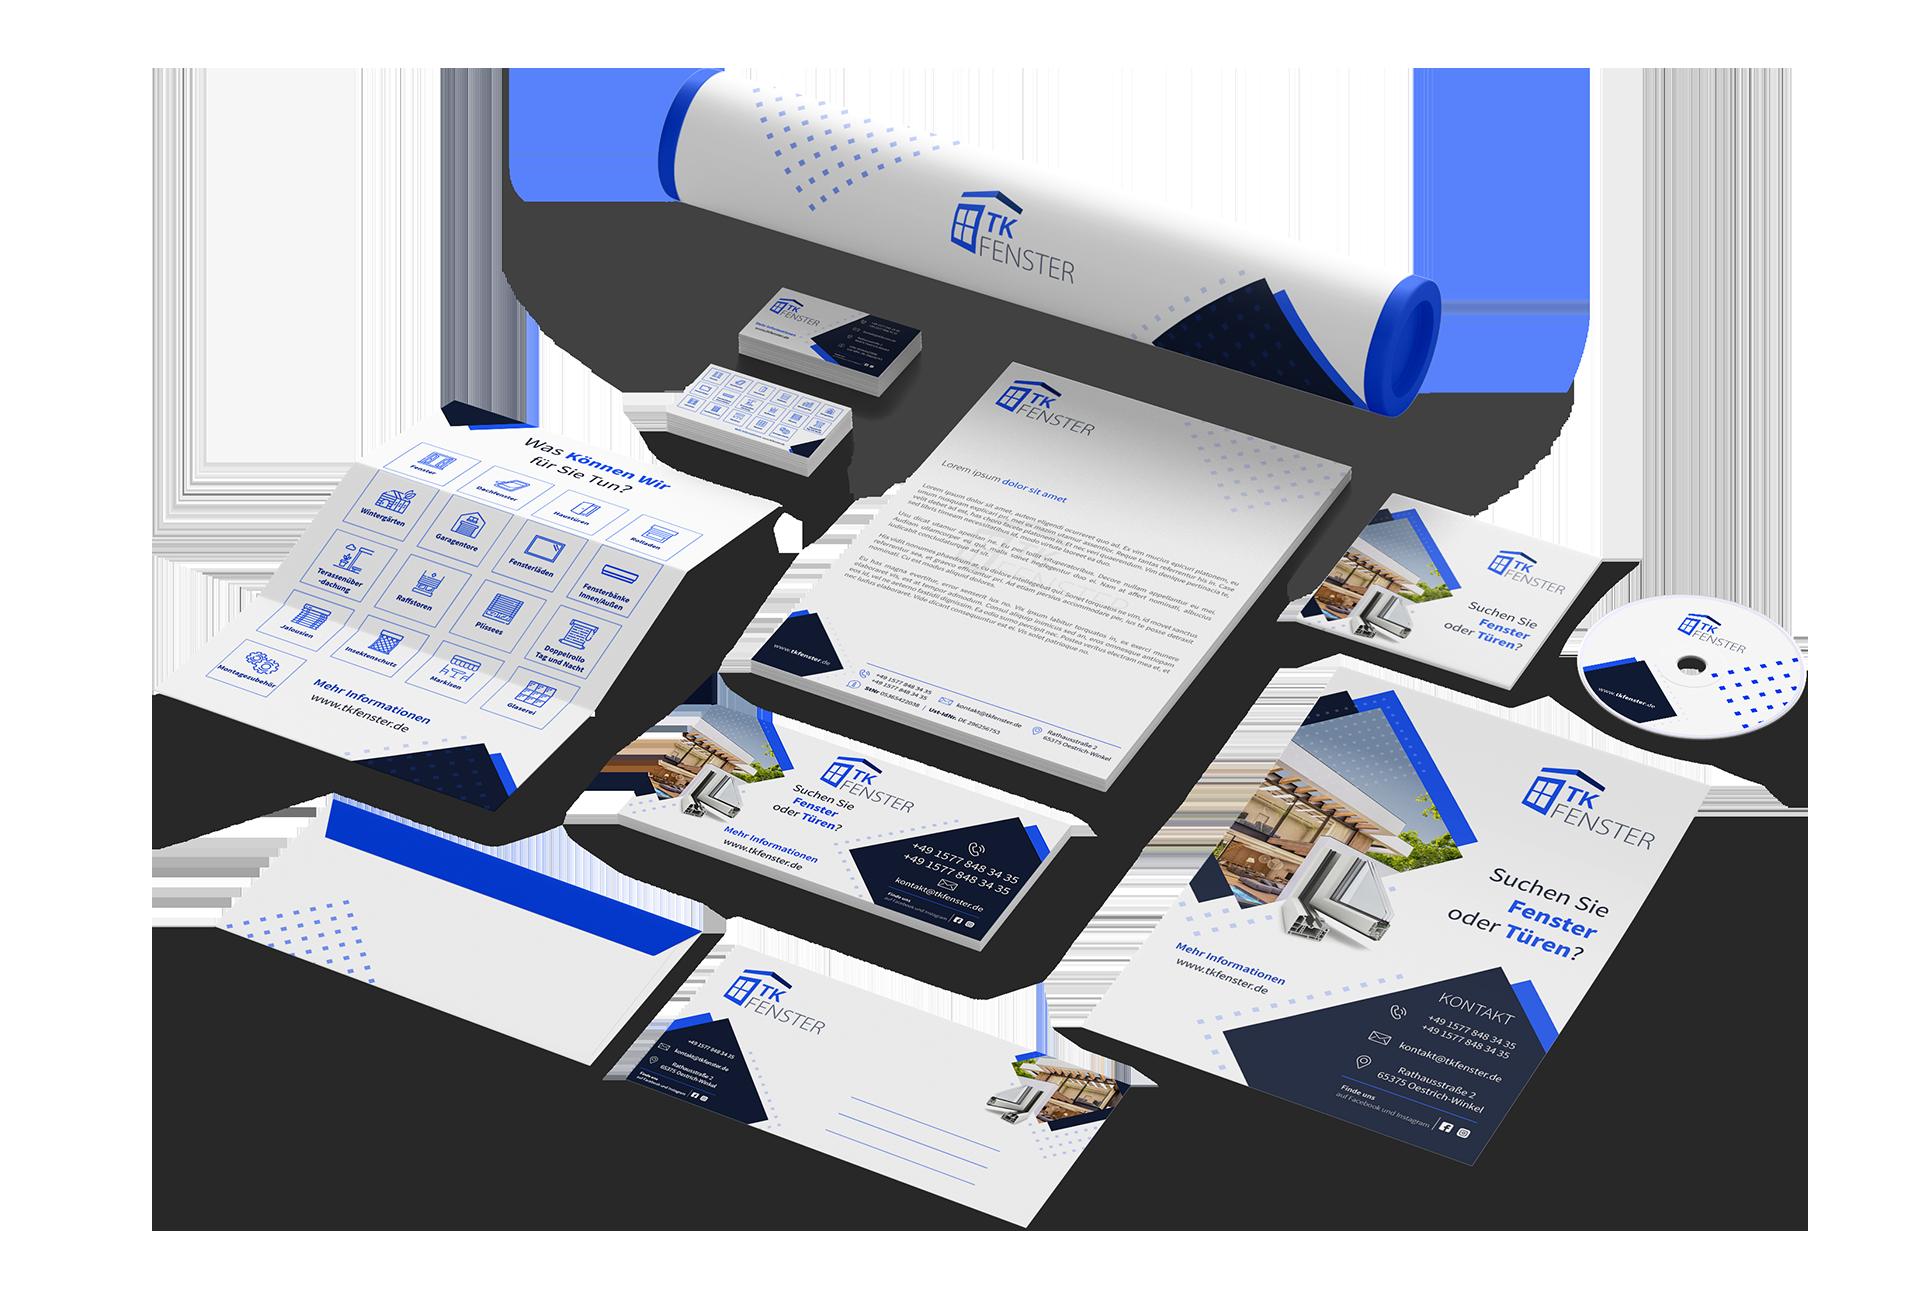 Reklamy Żywiec, ulotki, banery, wizytówki, logo firmowe, projektowanie, druk